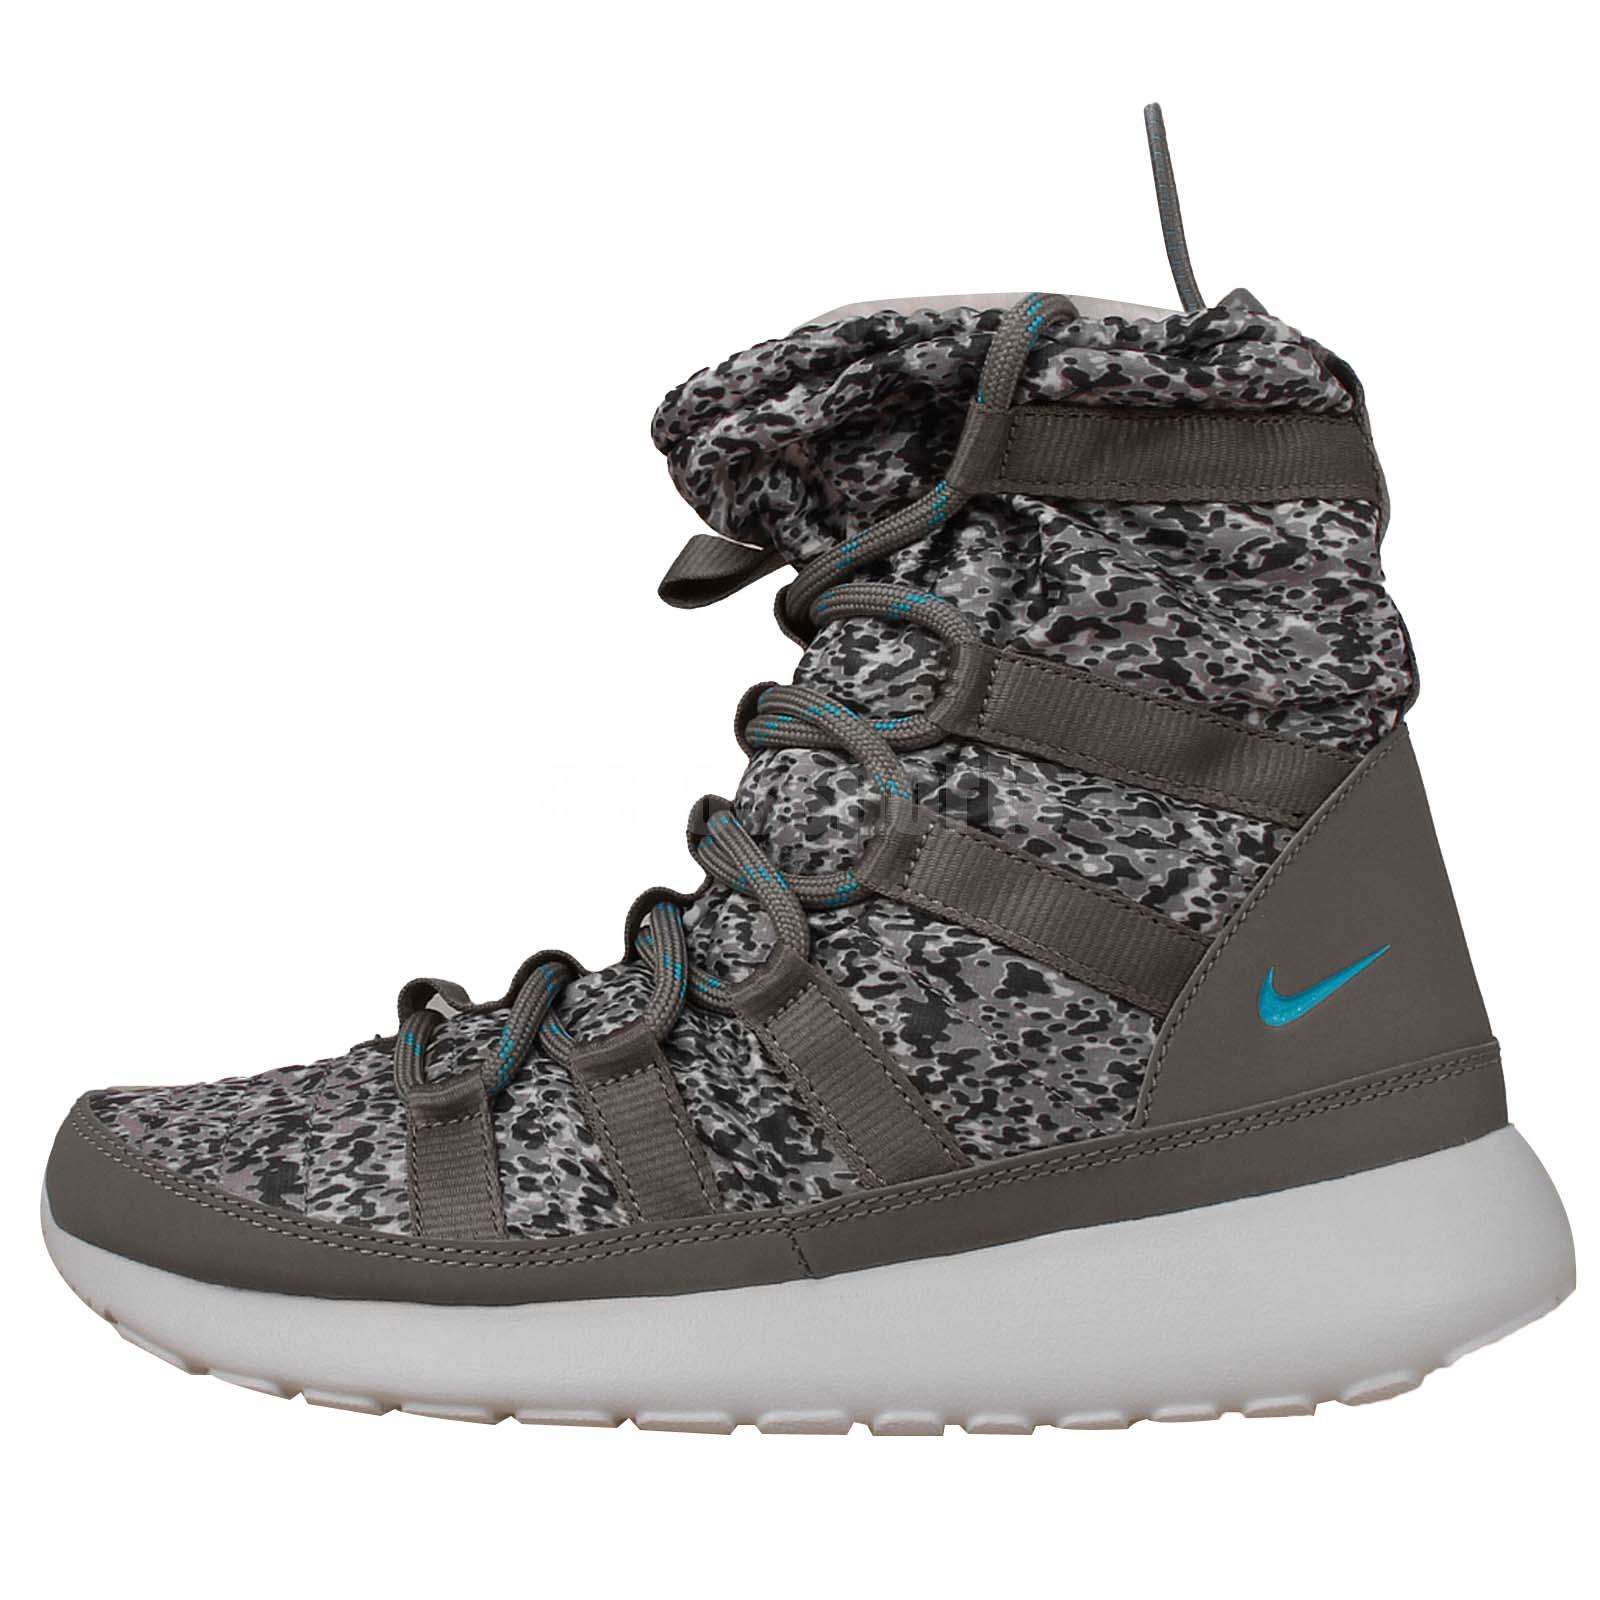 Cool Nike Womenu2019s Air Relentless 2 Sneakers U0026 Athletic Shoes | Wwathleticshoess